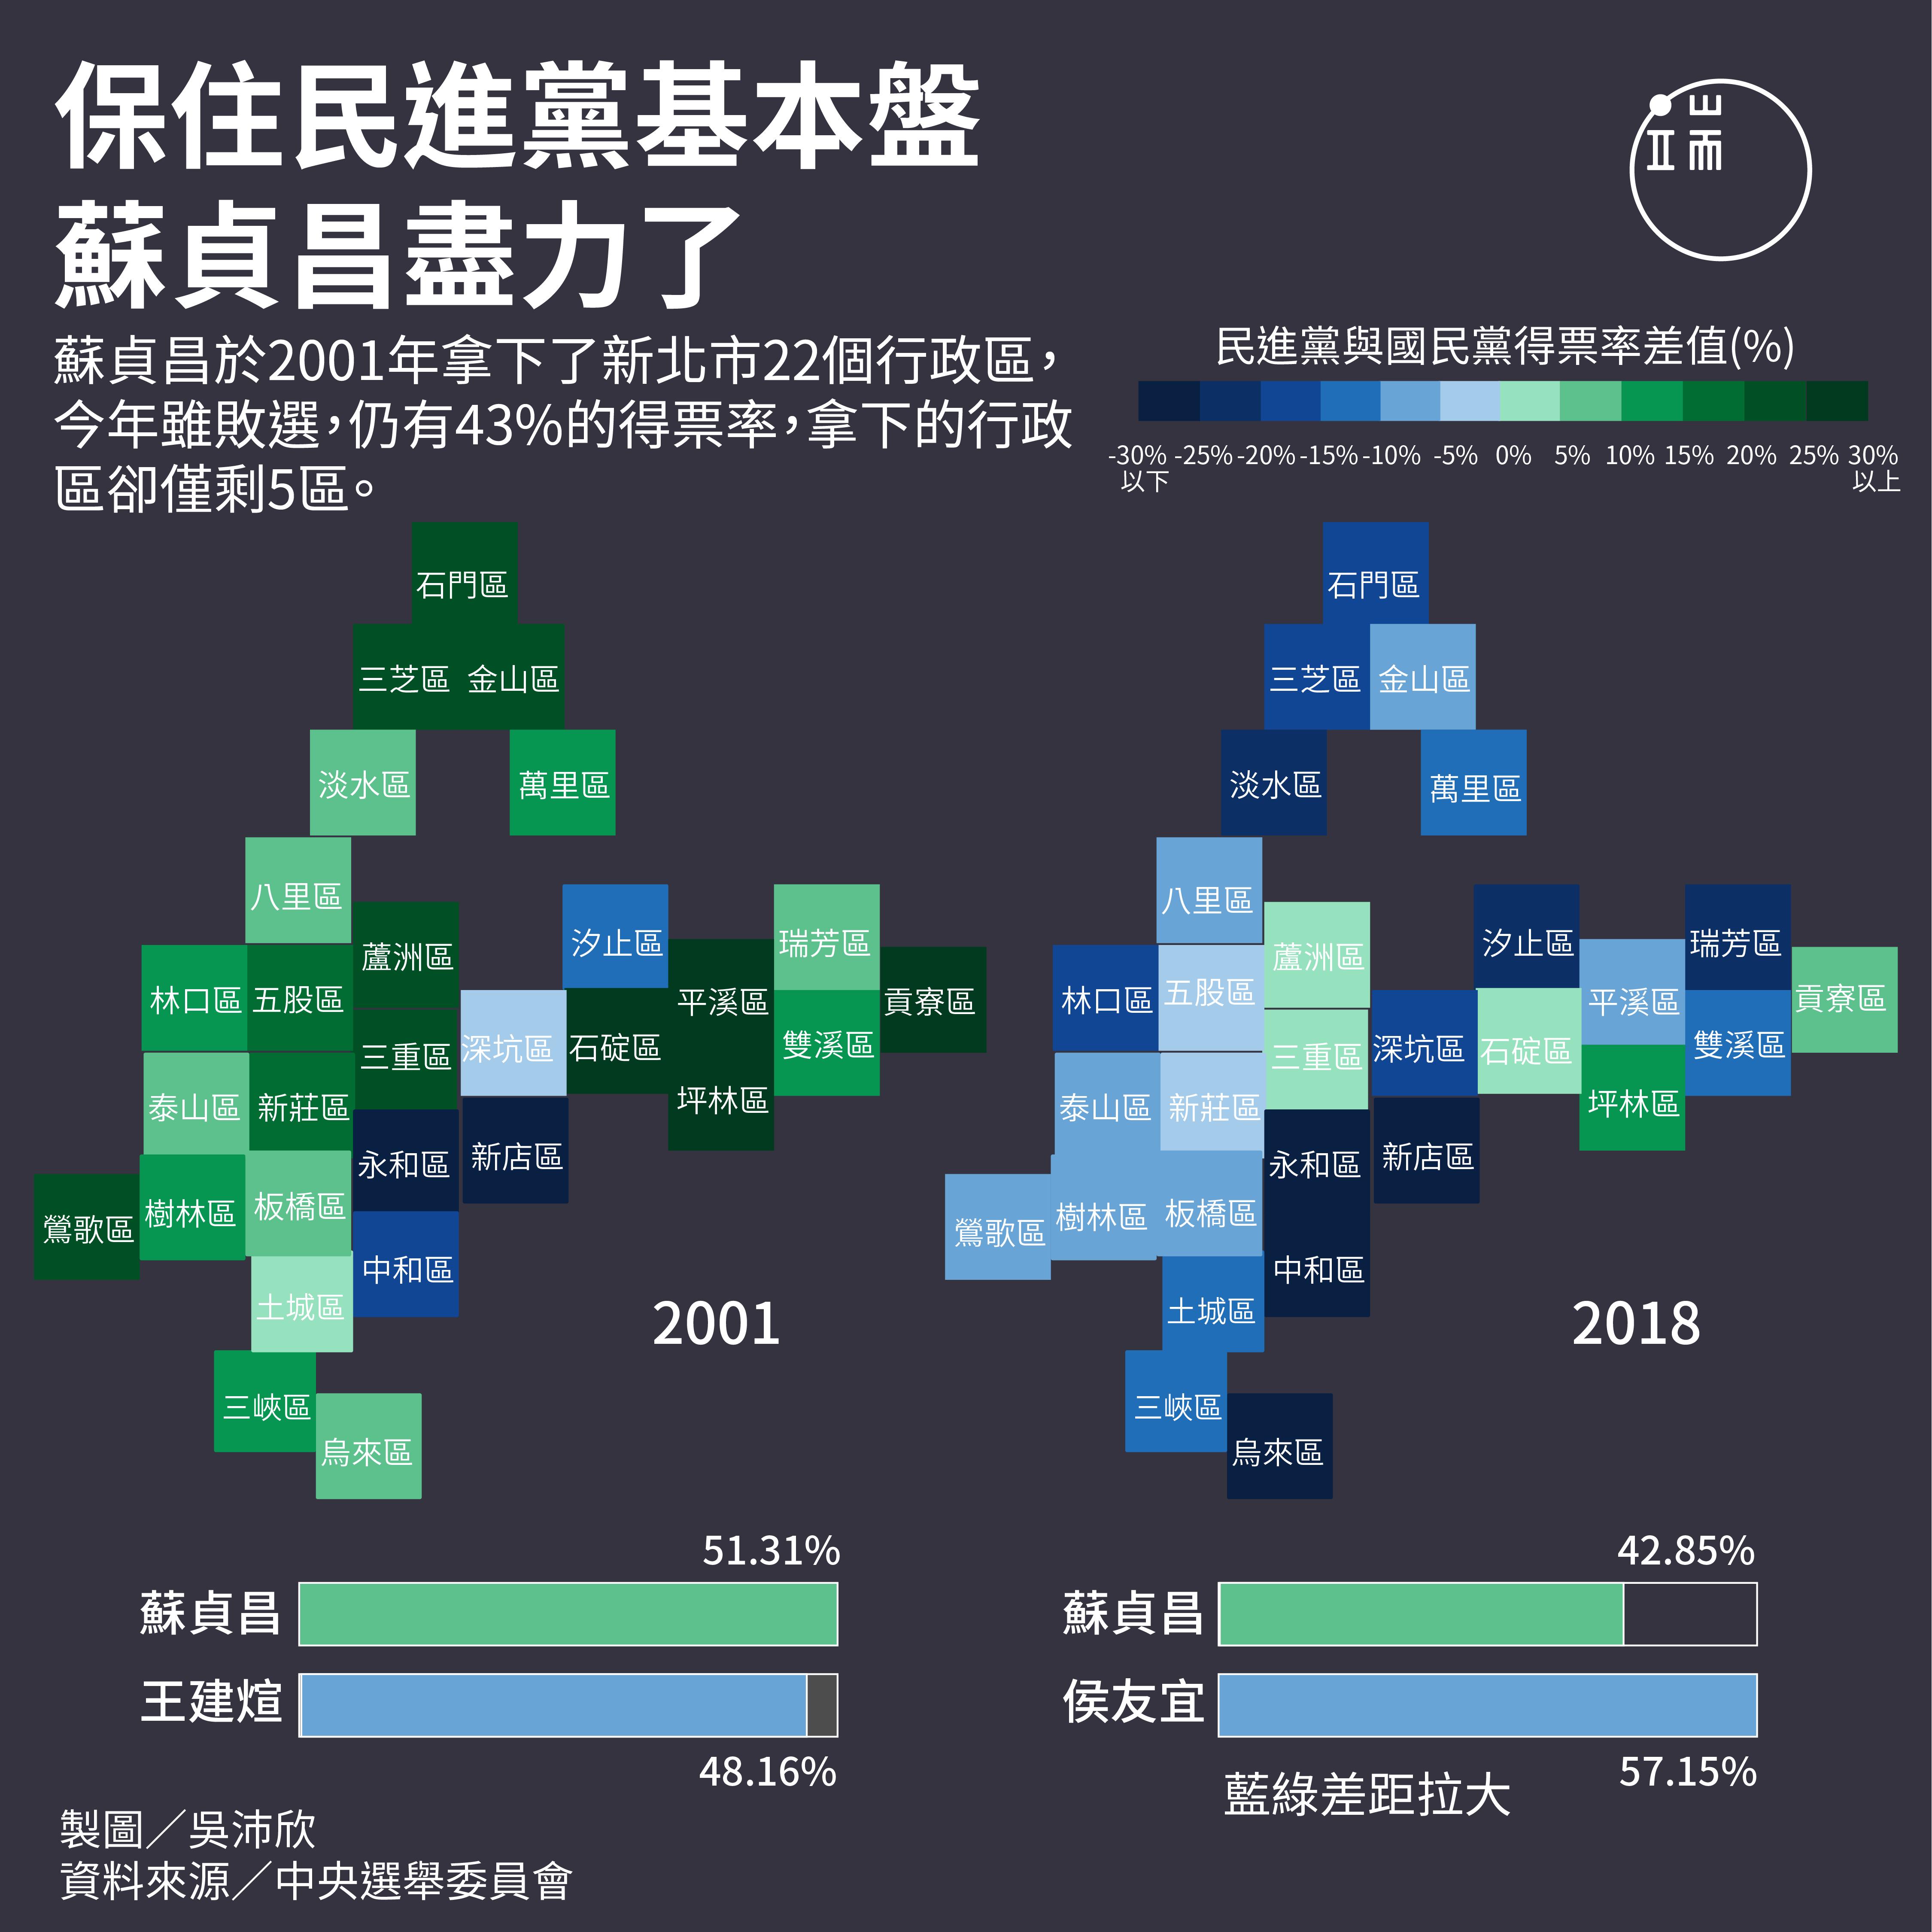 設計、製圖:台灣大學新聞所吳沛欣